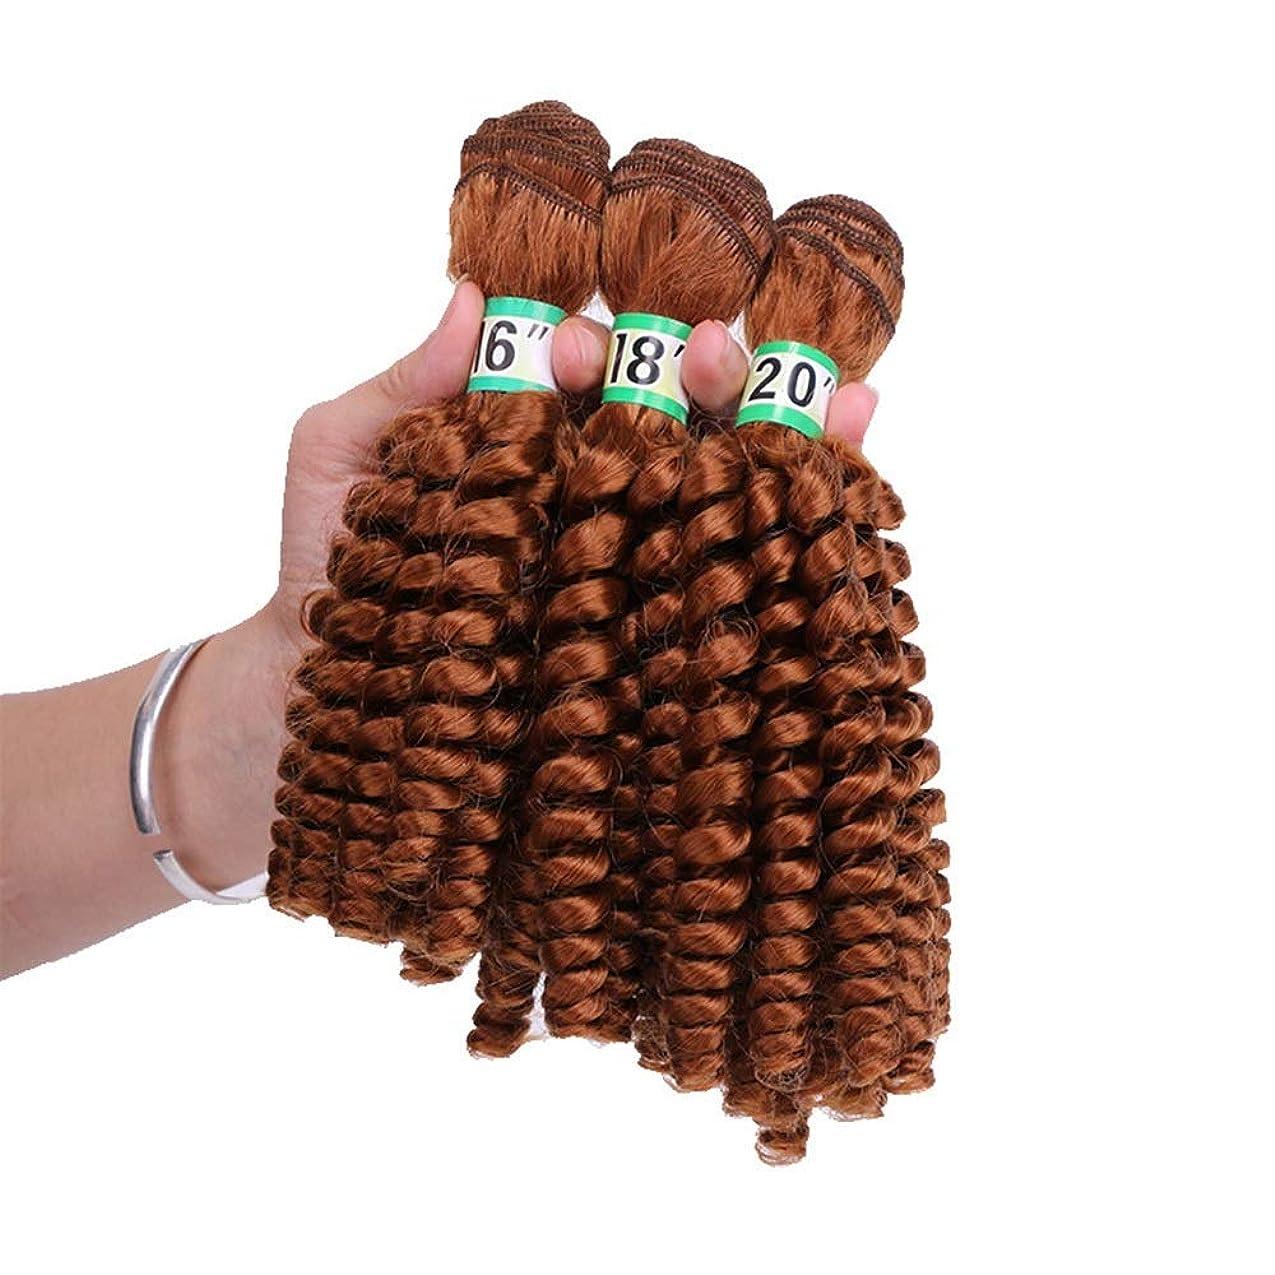 くるみ導入する七時半Yrattary Funmi巻き毛3バンドル - 30#茶色がかった黄色の髪の束ゆるい巻き毛の髪の拡張子70 g/Pcフルヘッドコンポジットヘアレースかつらロールプレイングかつらロングとショートの女性自然 (色 : Brownish yellow, サイズ : 16